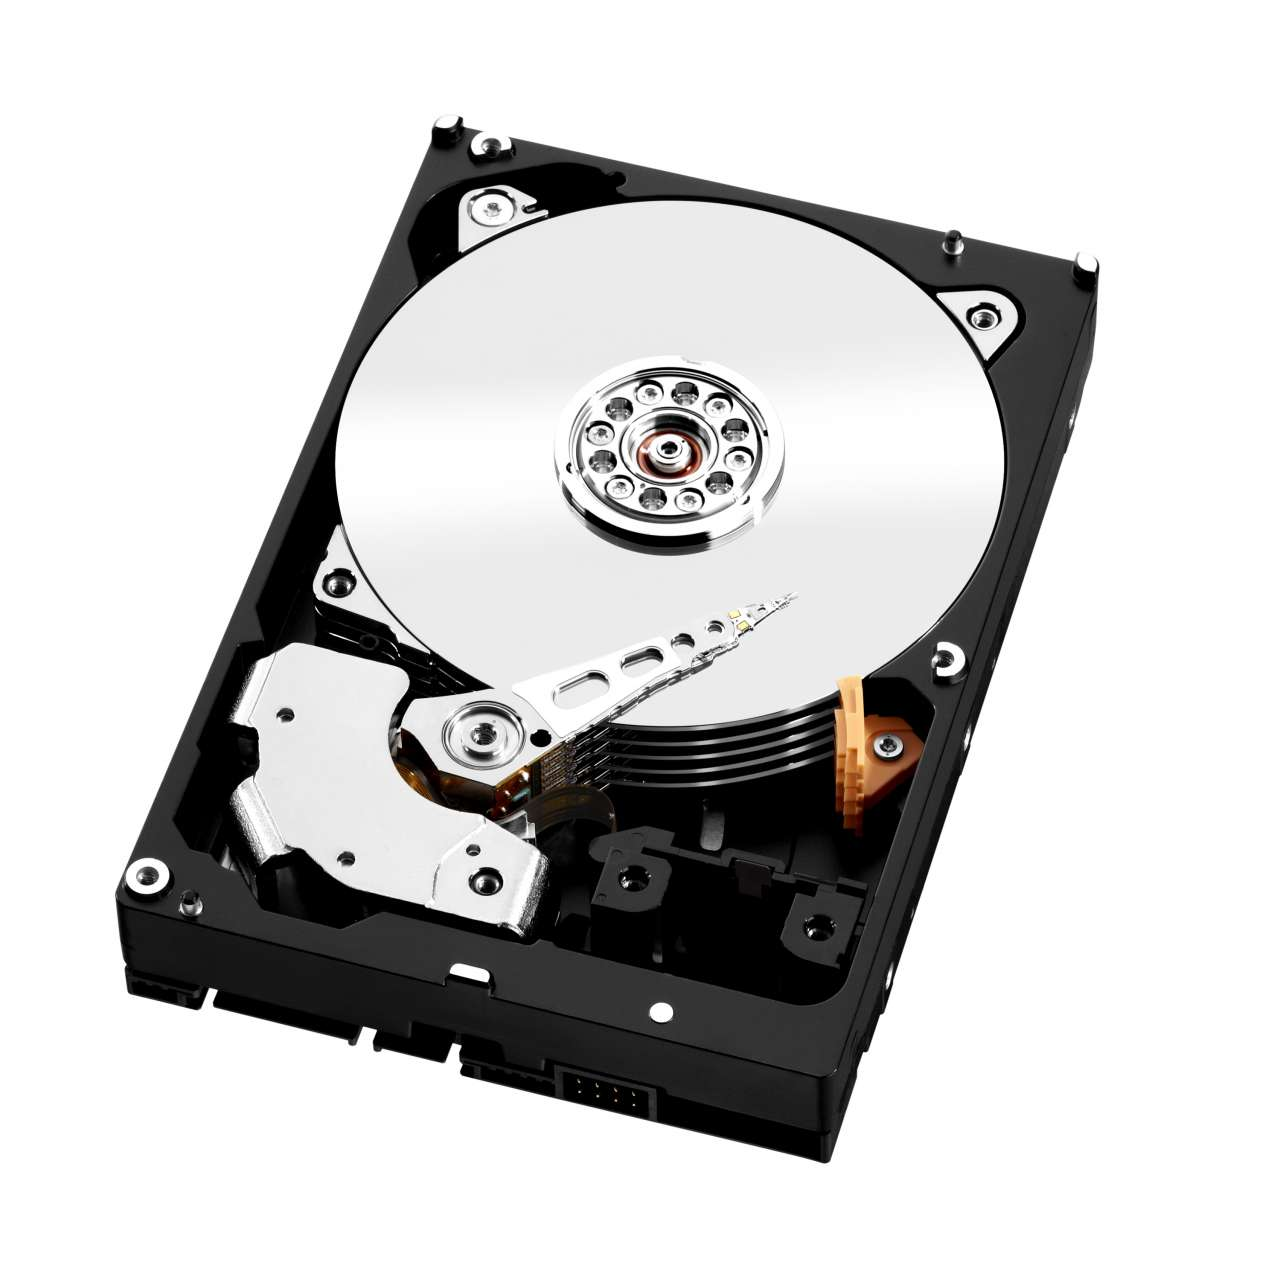 HDD WD Red Pro WD2002FFSX 2TB/8,9/600/72 Sata III 64MB